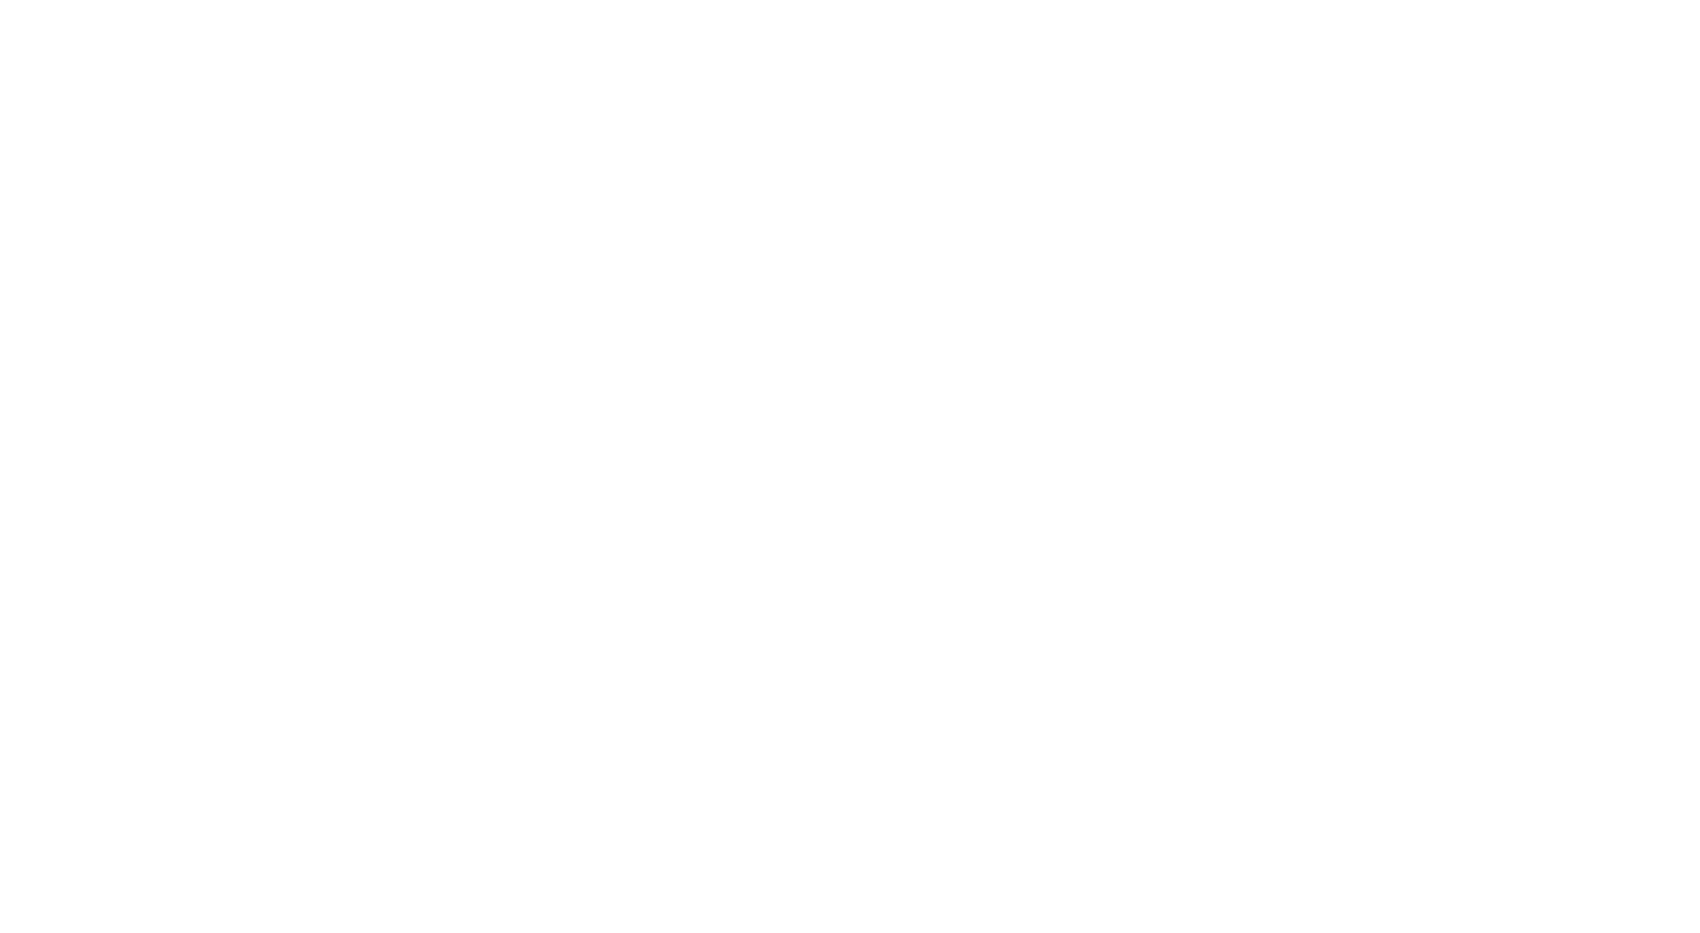 SNES 5-4-7.jpg